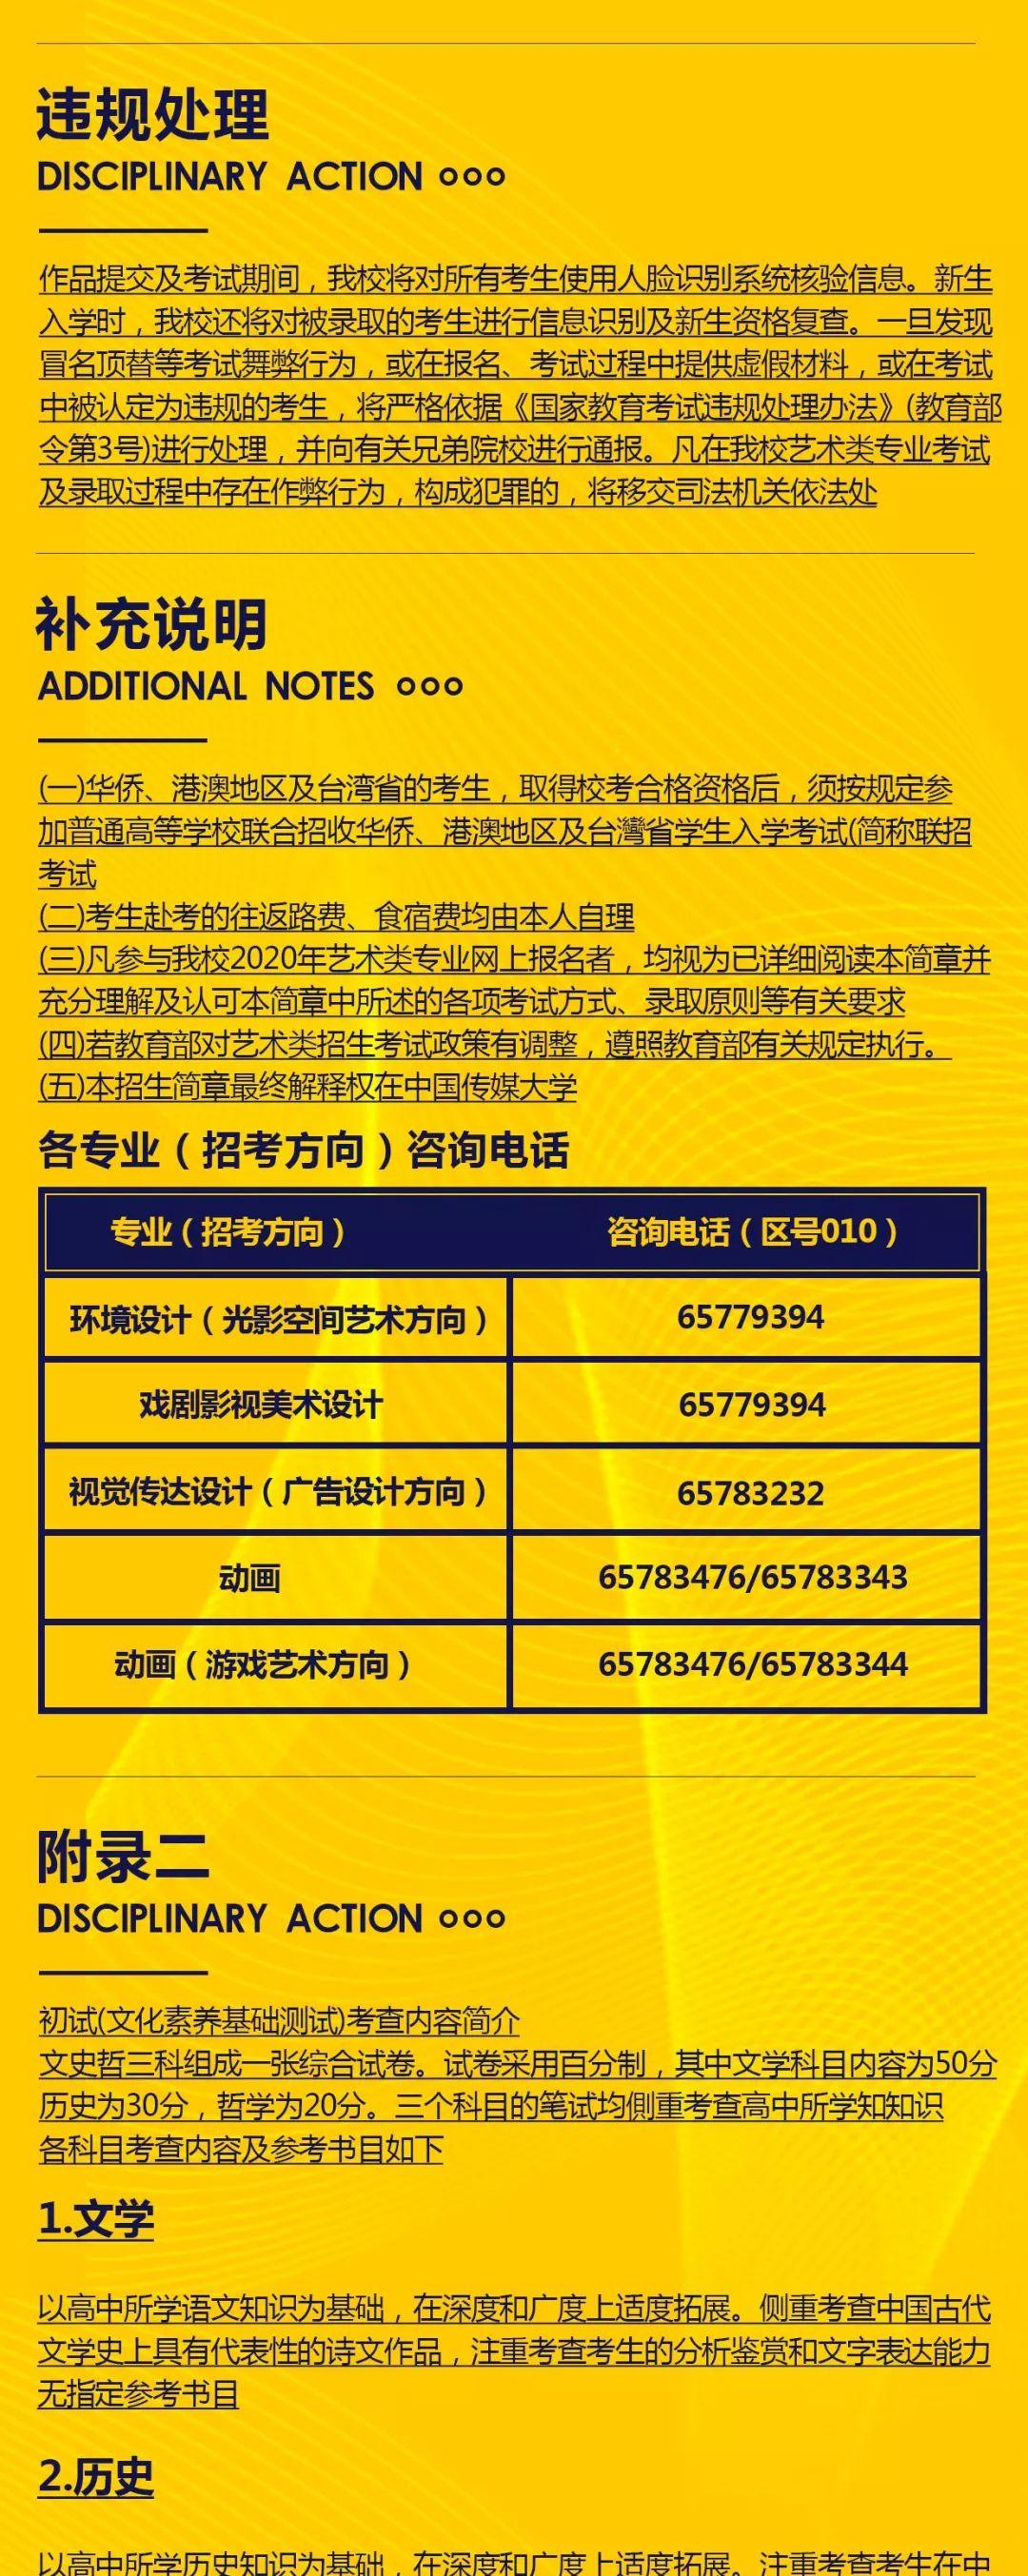 中国传媒大学,北京电影学院,中央戏剧学院,北京巅峰广艺画室       06